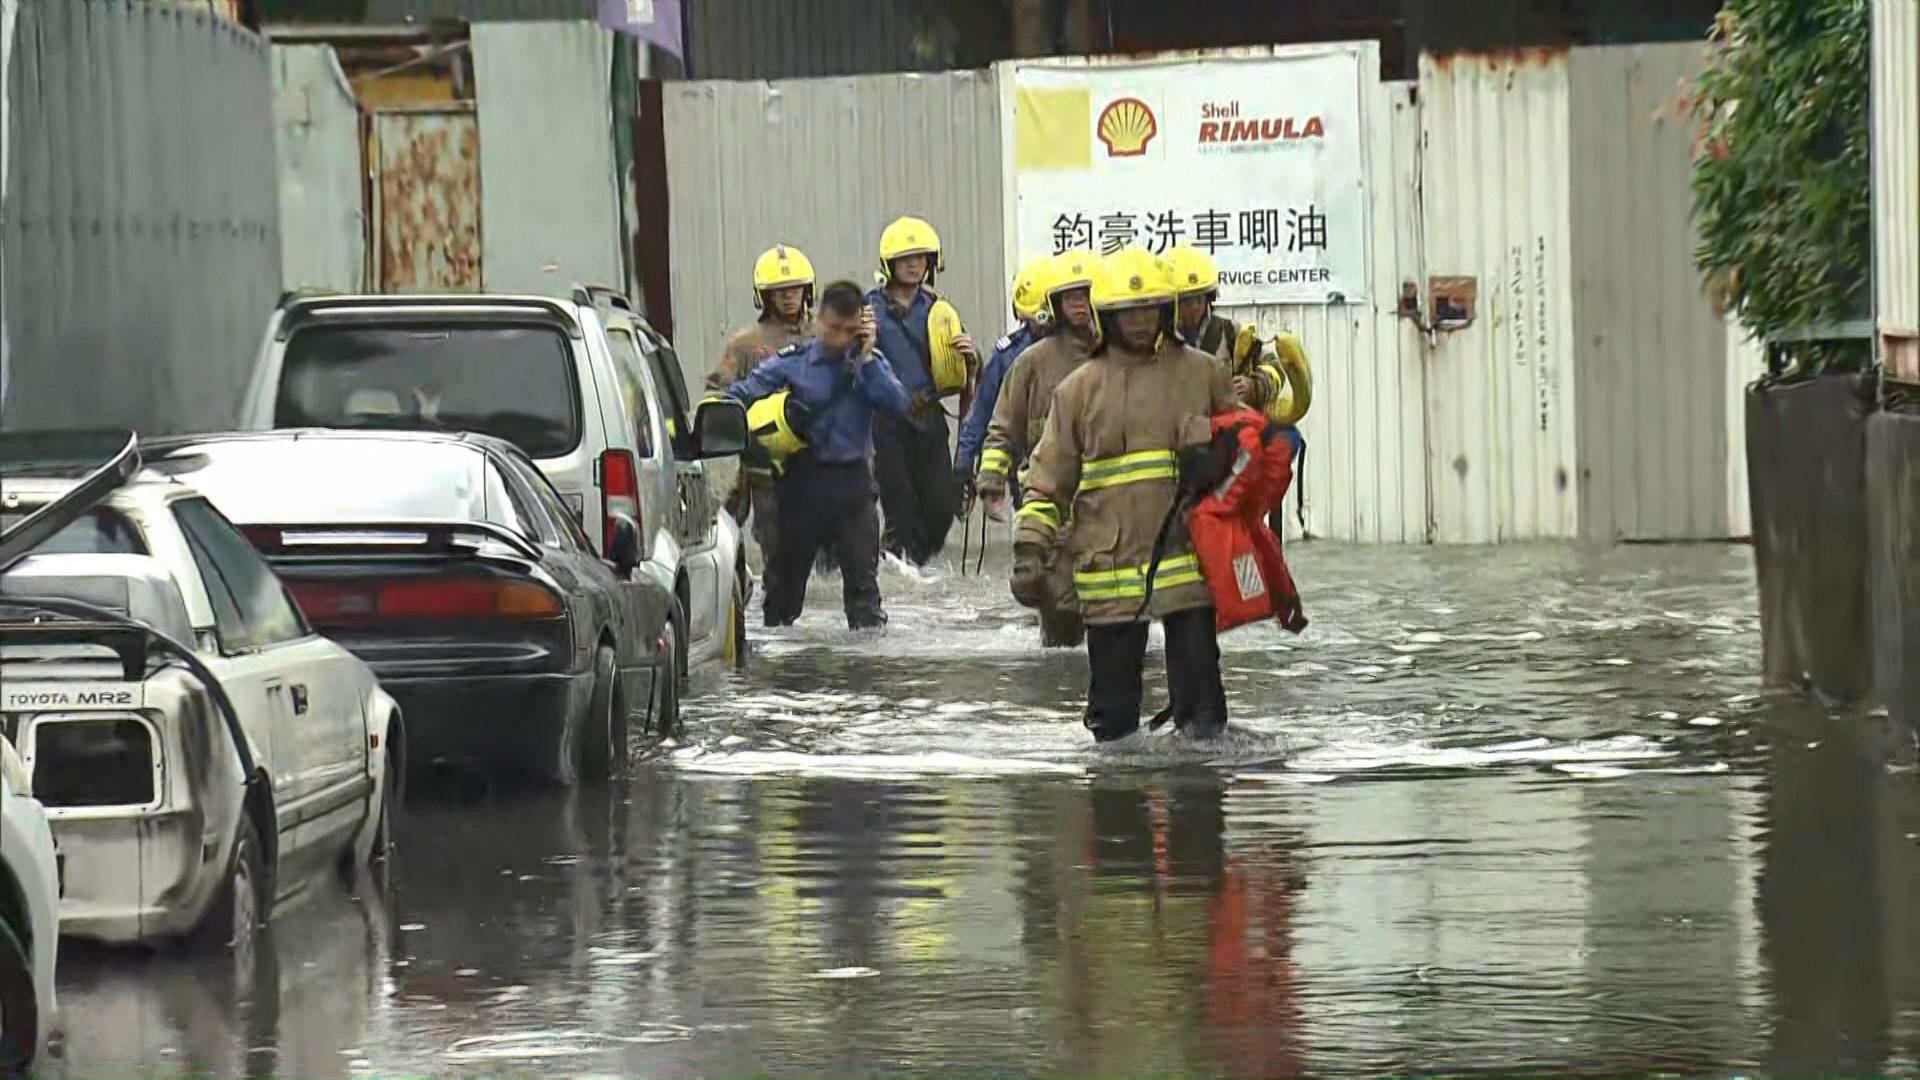 黃雨警告生效期間天水圍部分地區水浸